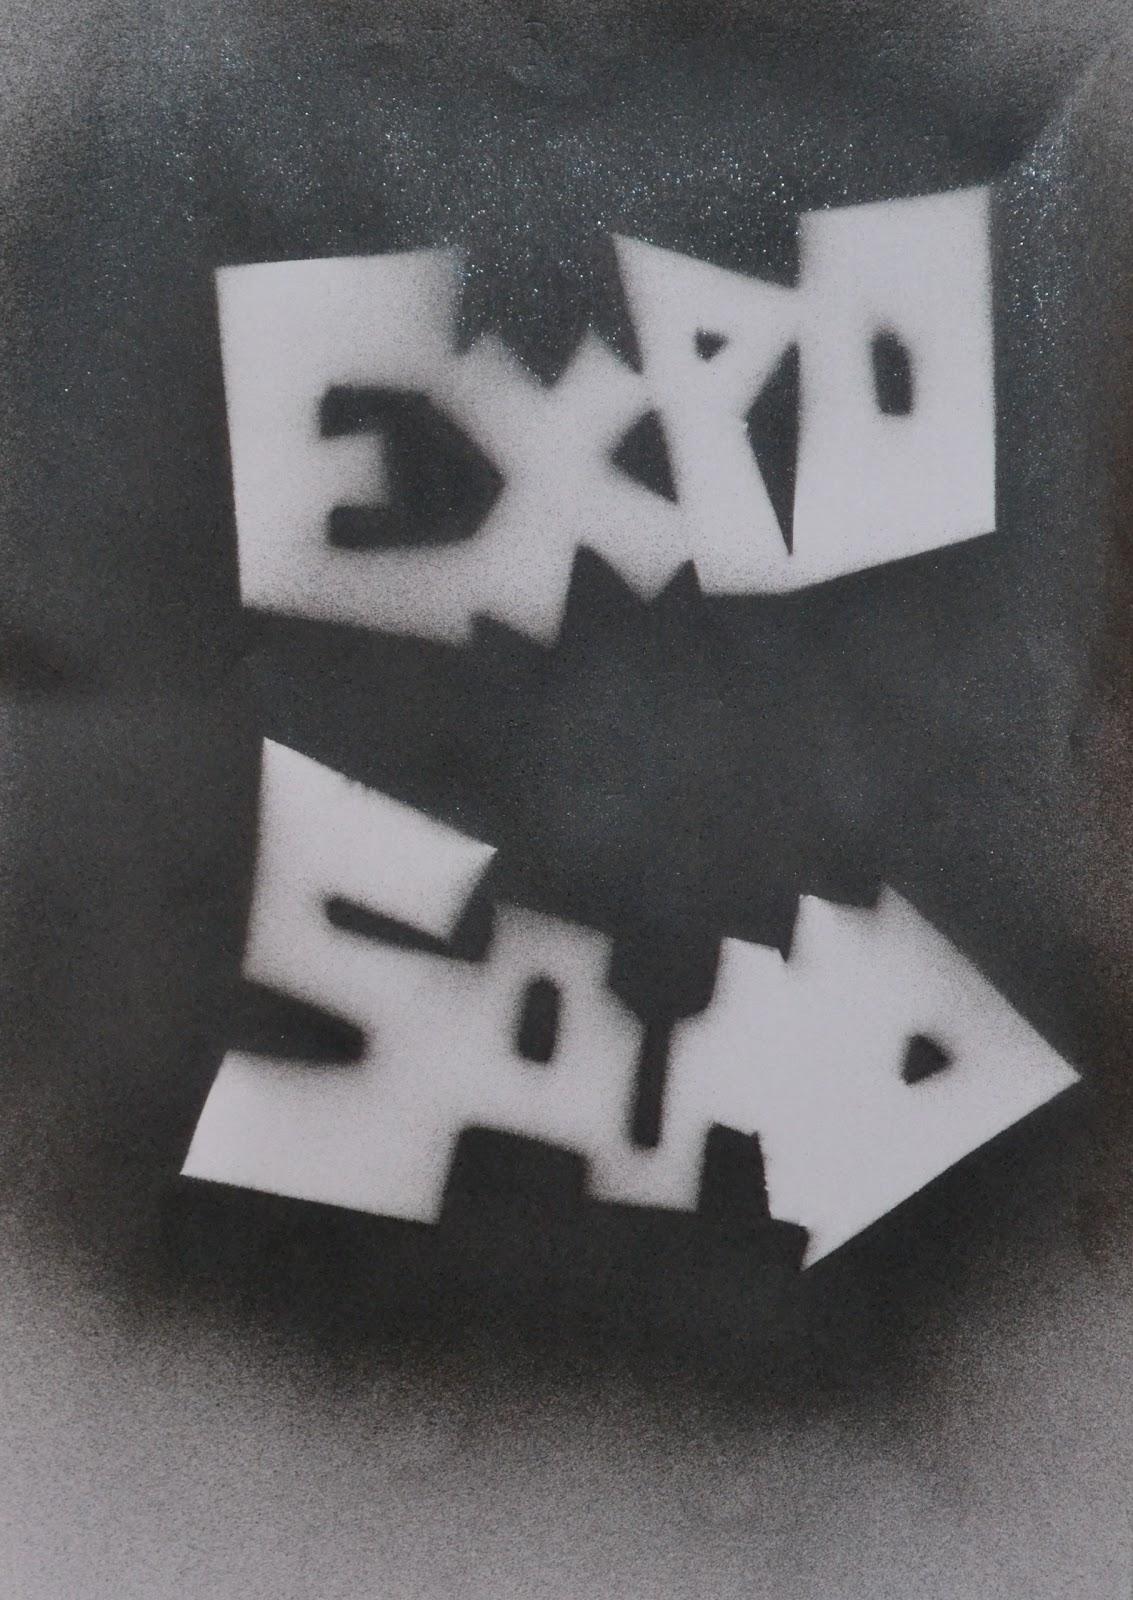 Katie Elizabeth Back Graphics: Spray Paint Experiments